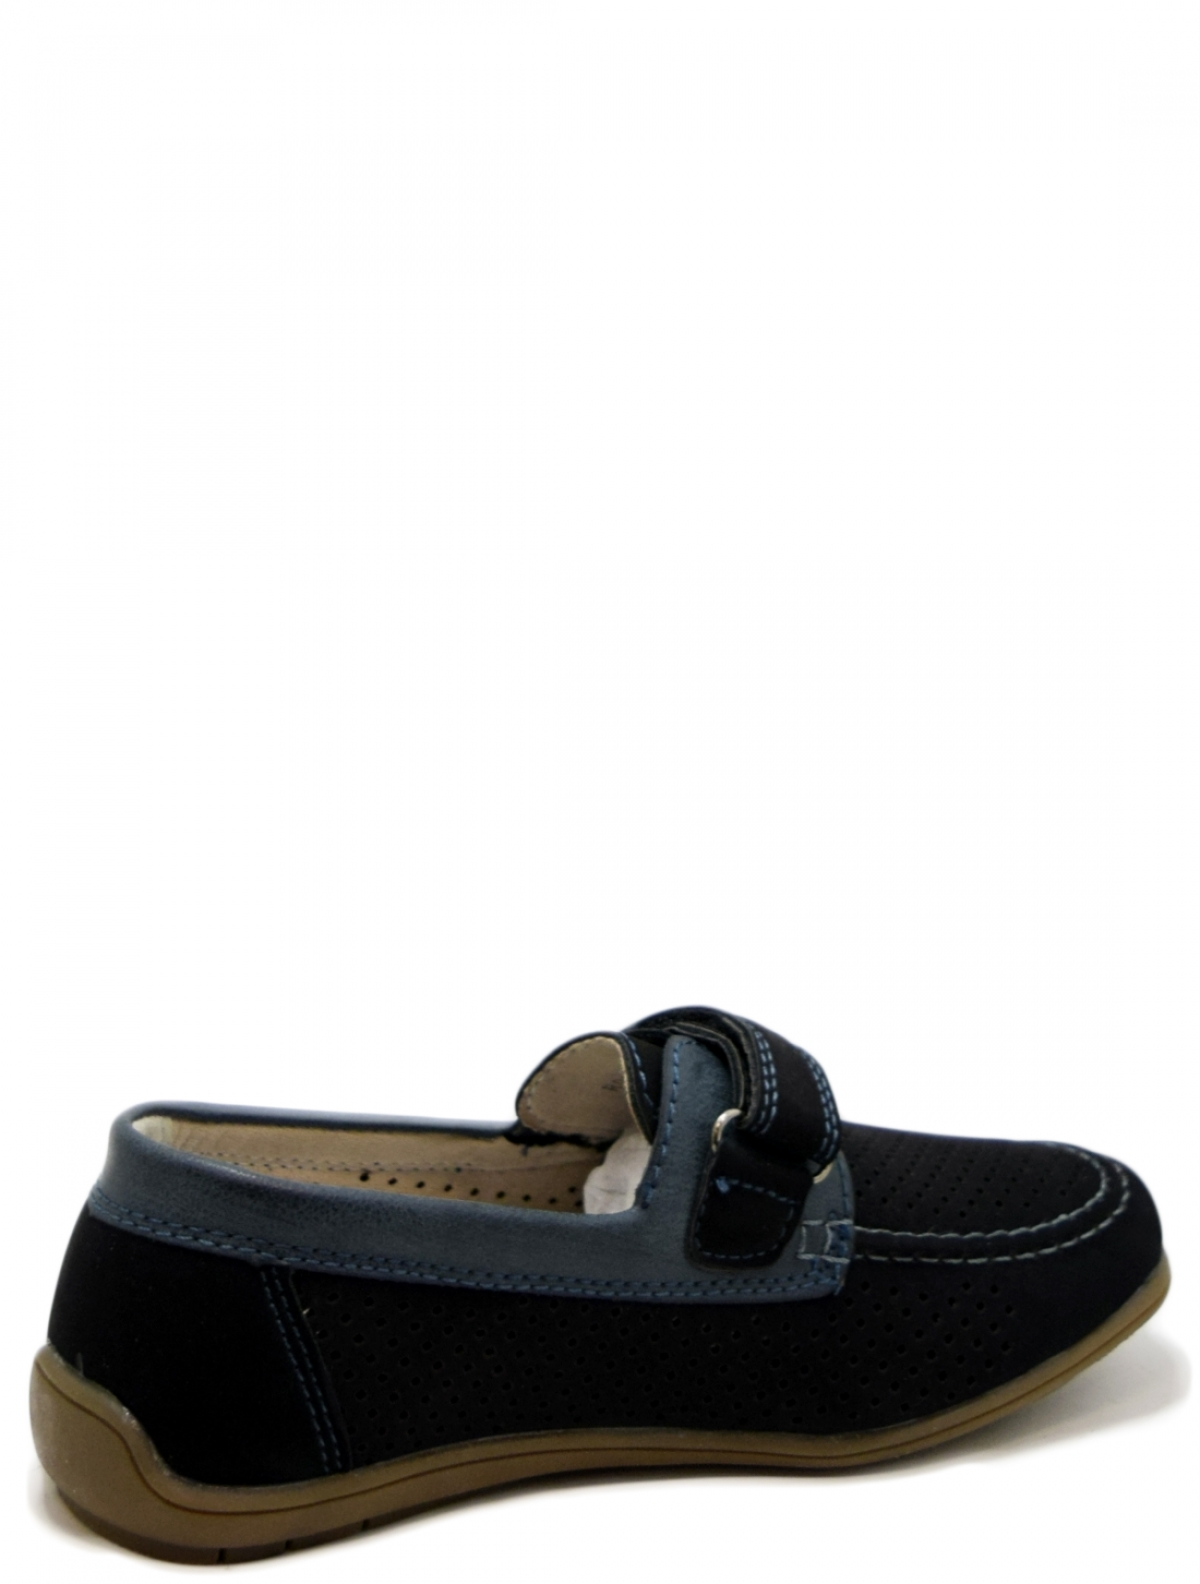 Сказка R011934416-1 туфли для мальчика